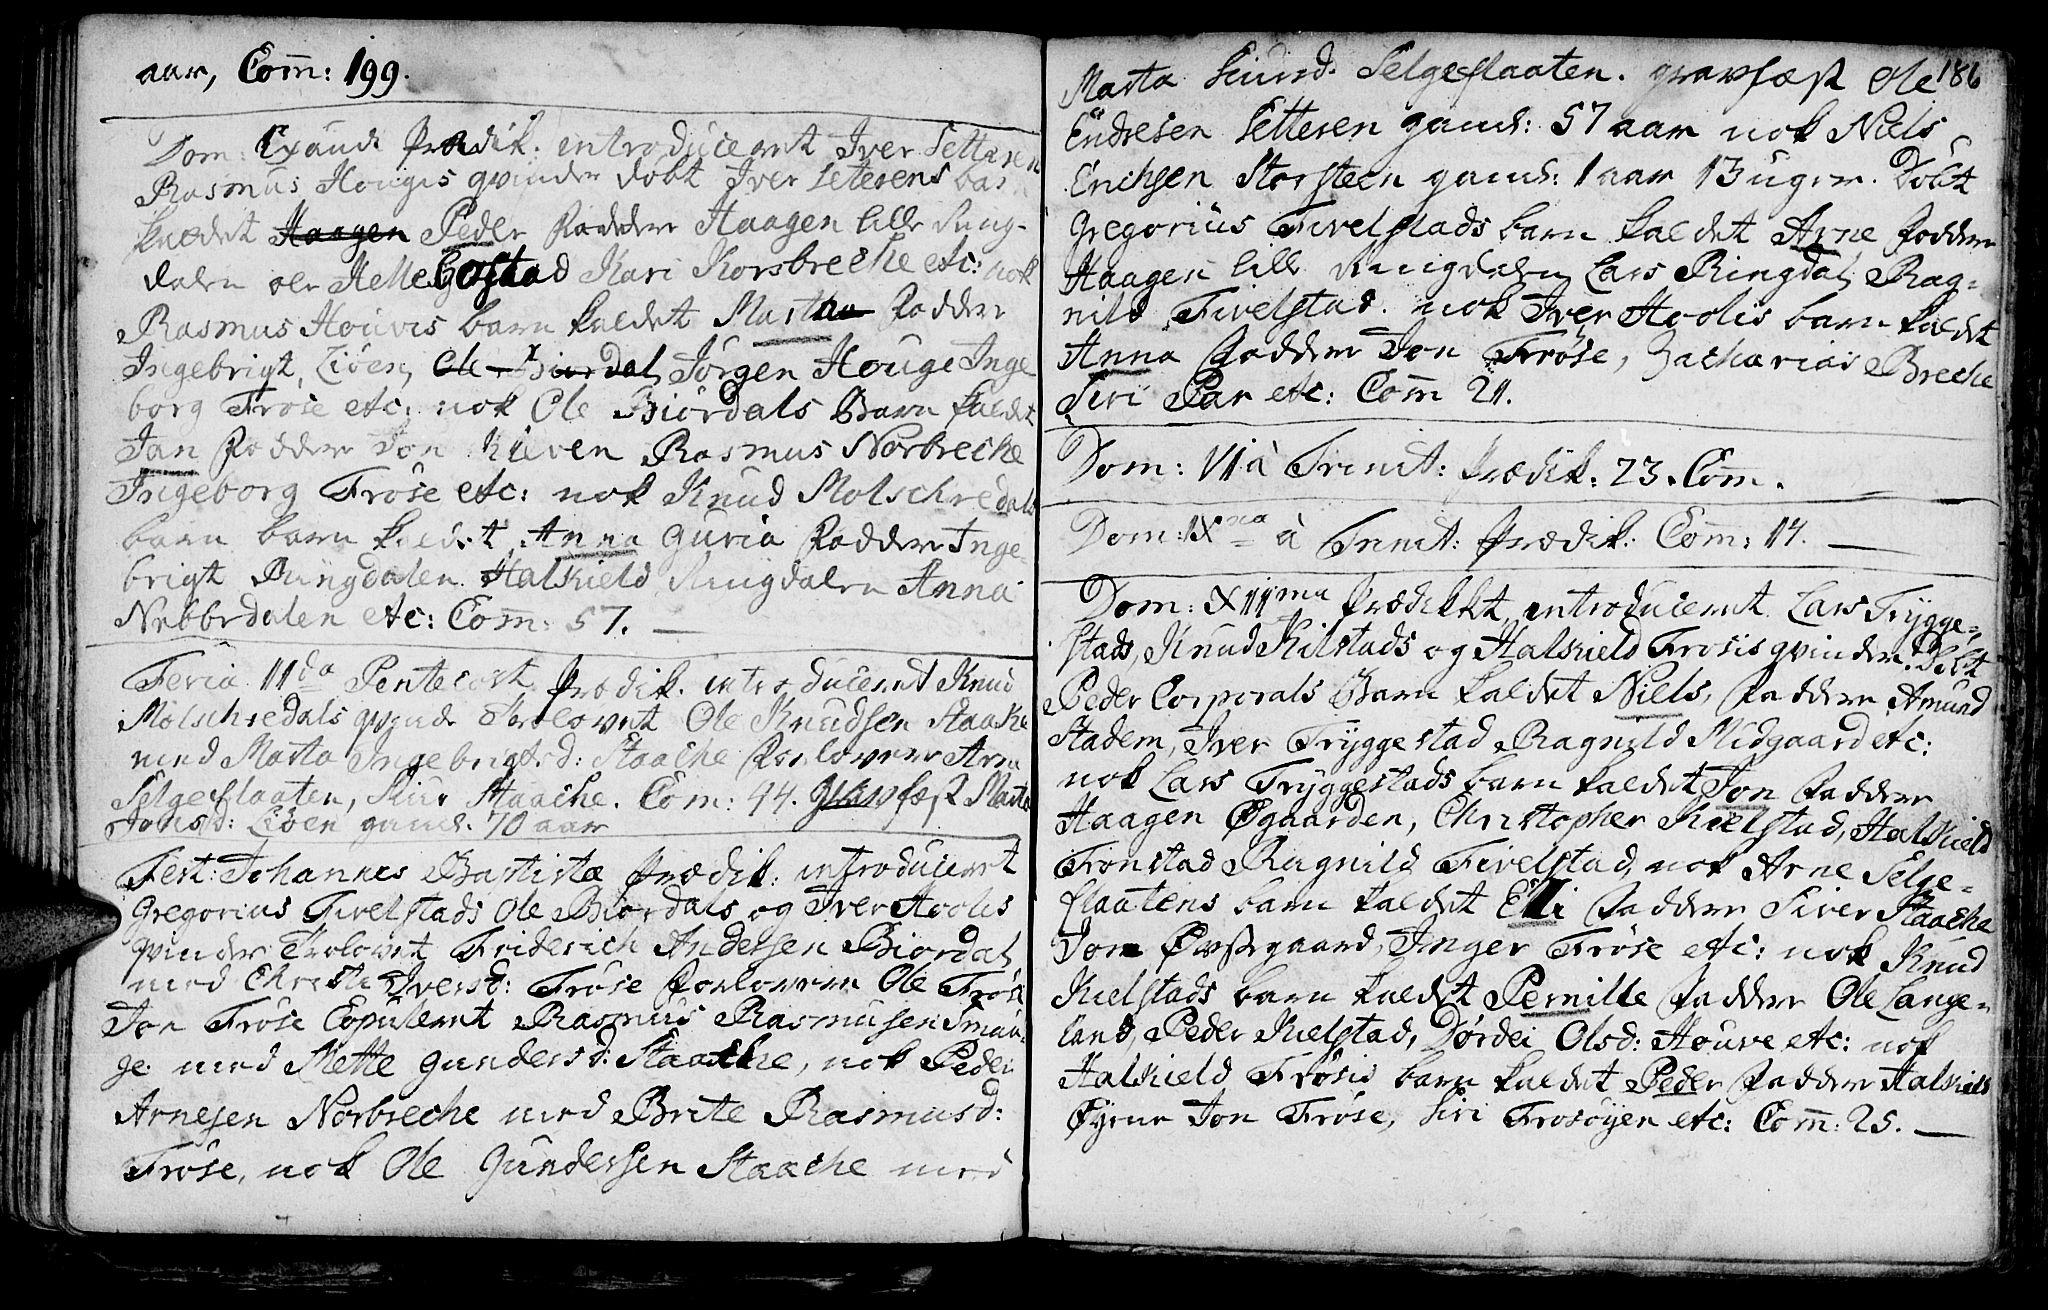 SAT, Ministerialprotokoller, klokkerbøker og fødselsregistre - Møre og Romsdal, 519/L0241: Ministerialbok nr. 519A01 /2, 1736-1760, s. 186